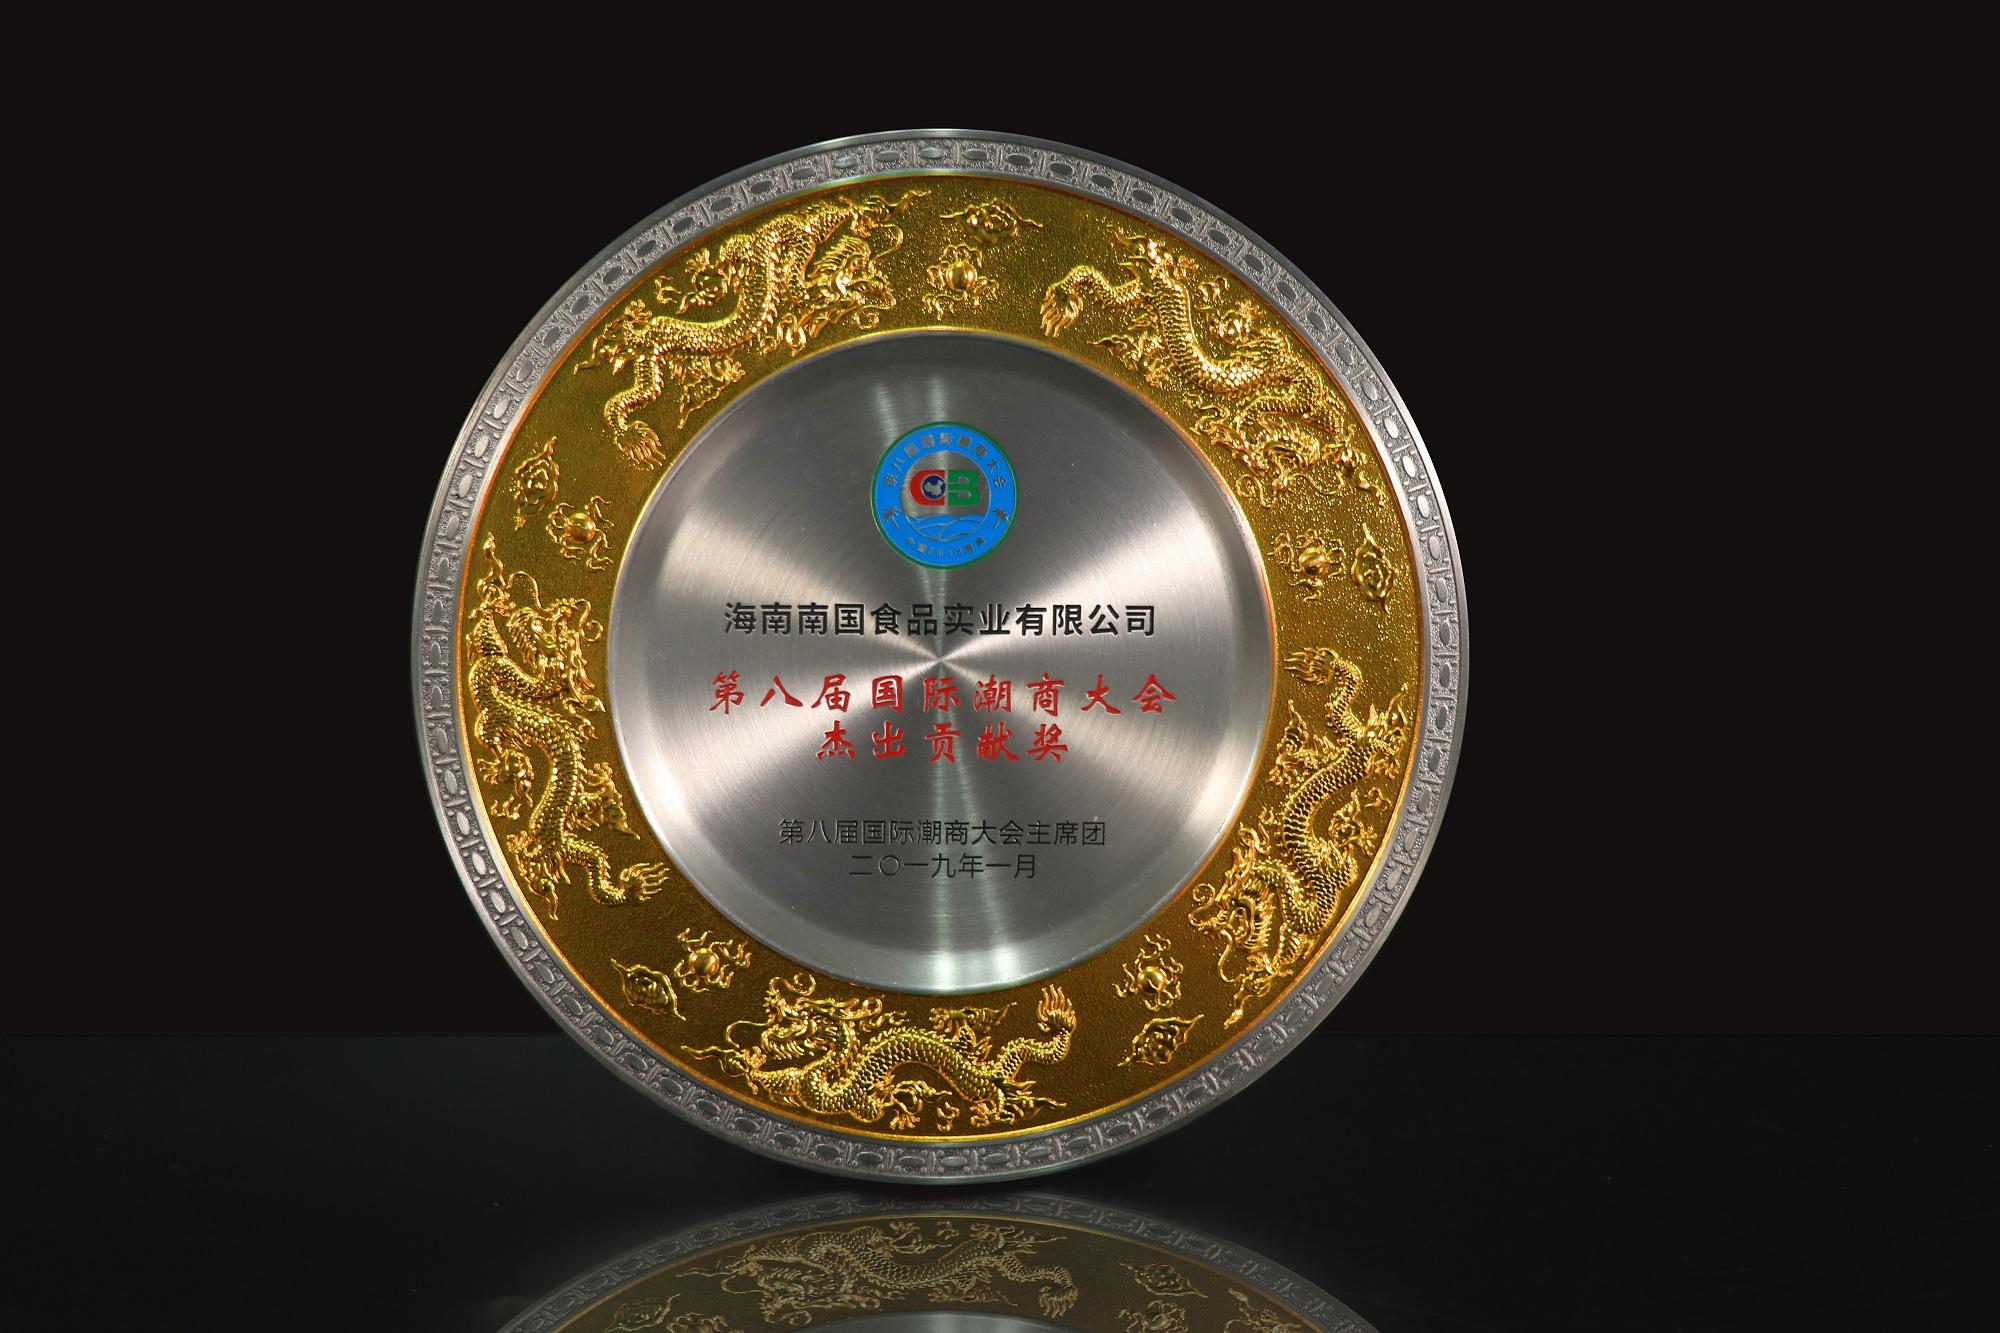 第八届国际潮商大会杰出贡献奖